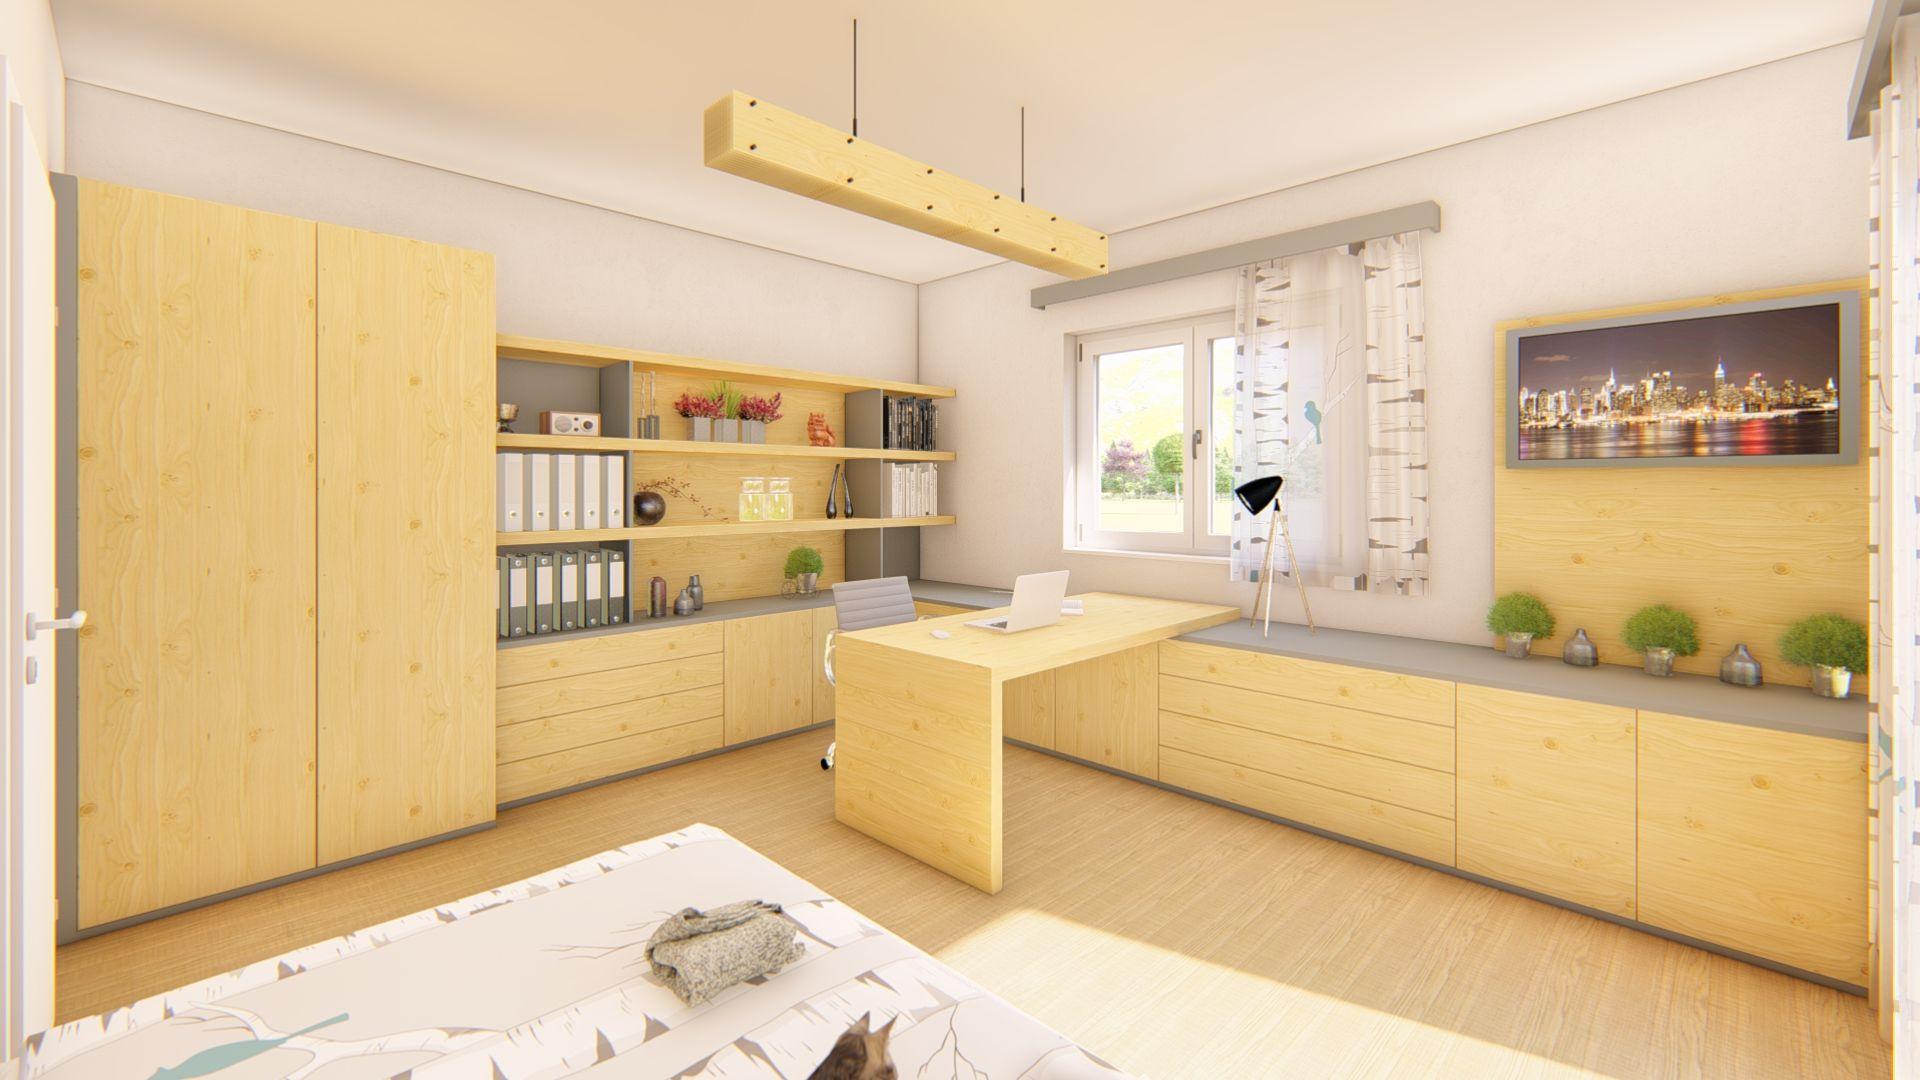 Nöbauer Innenarchitektur - Home-Office #office #design #interior ...